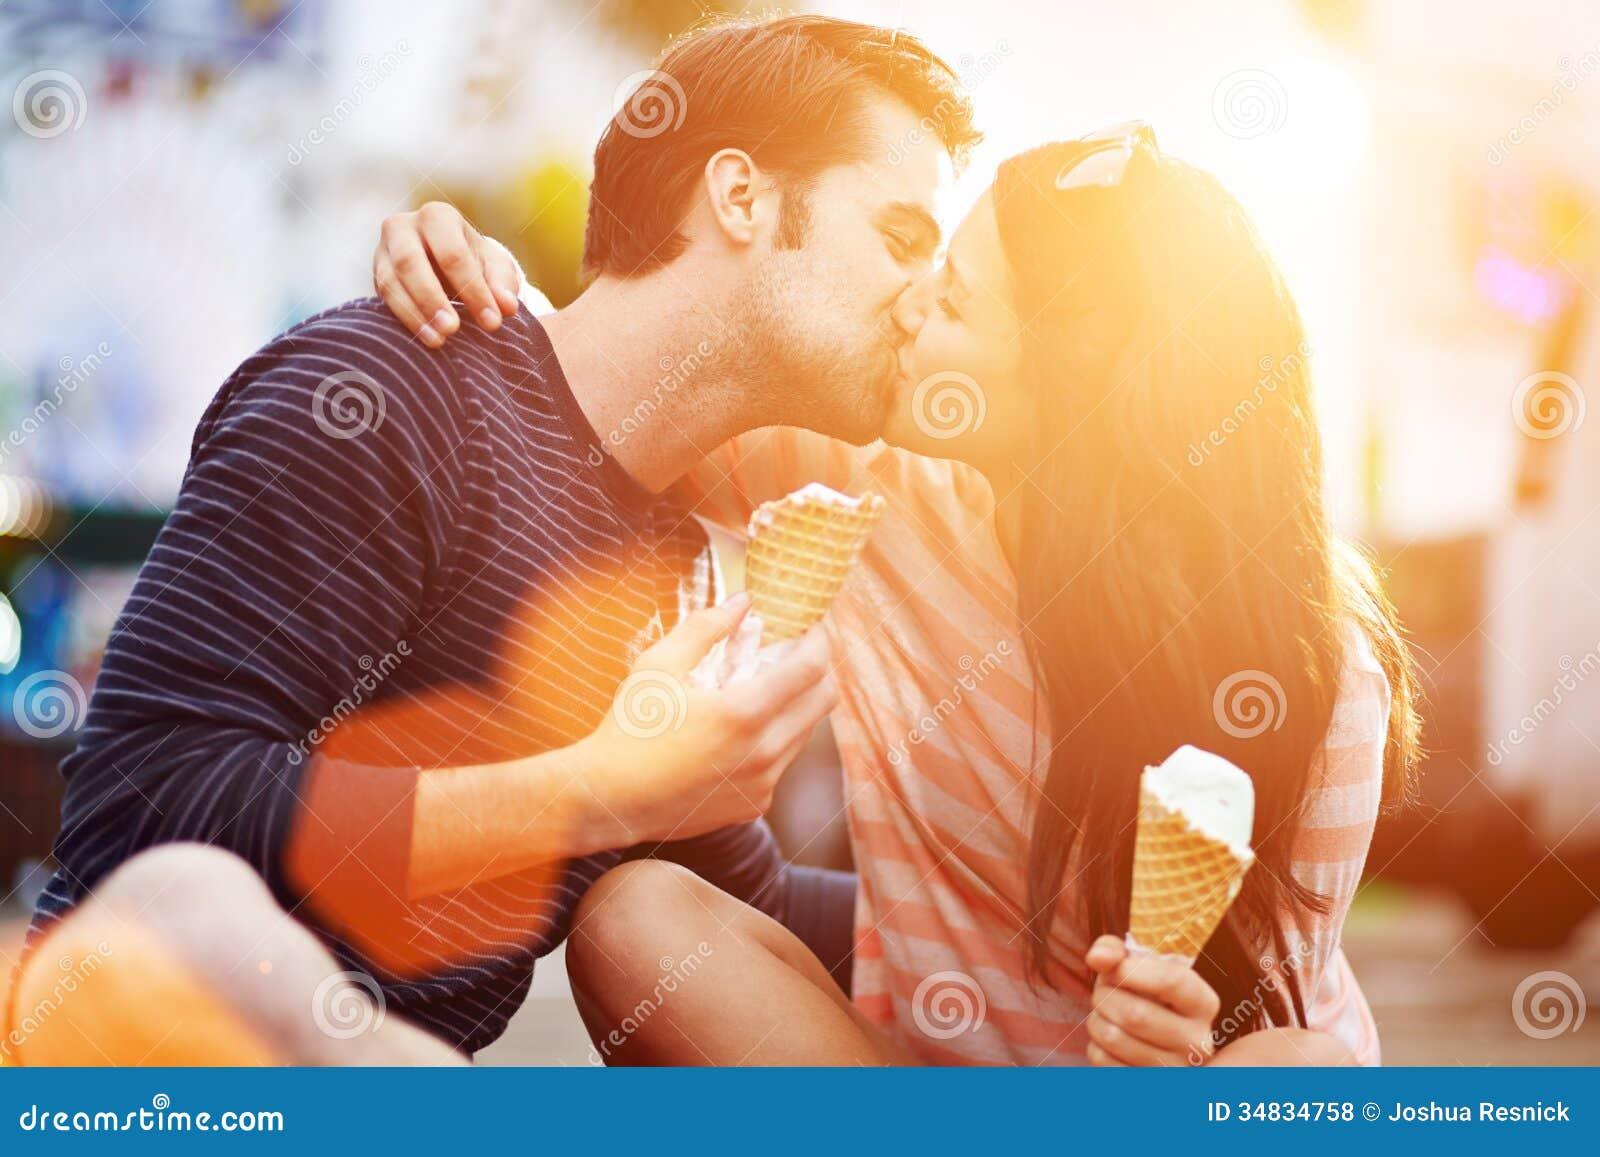 Romantische küssende Paare beim Halten der Eiscreme